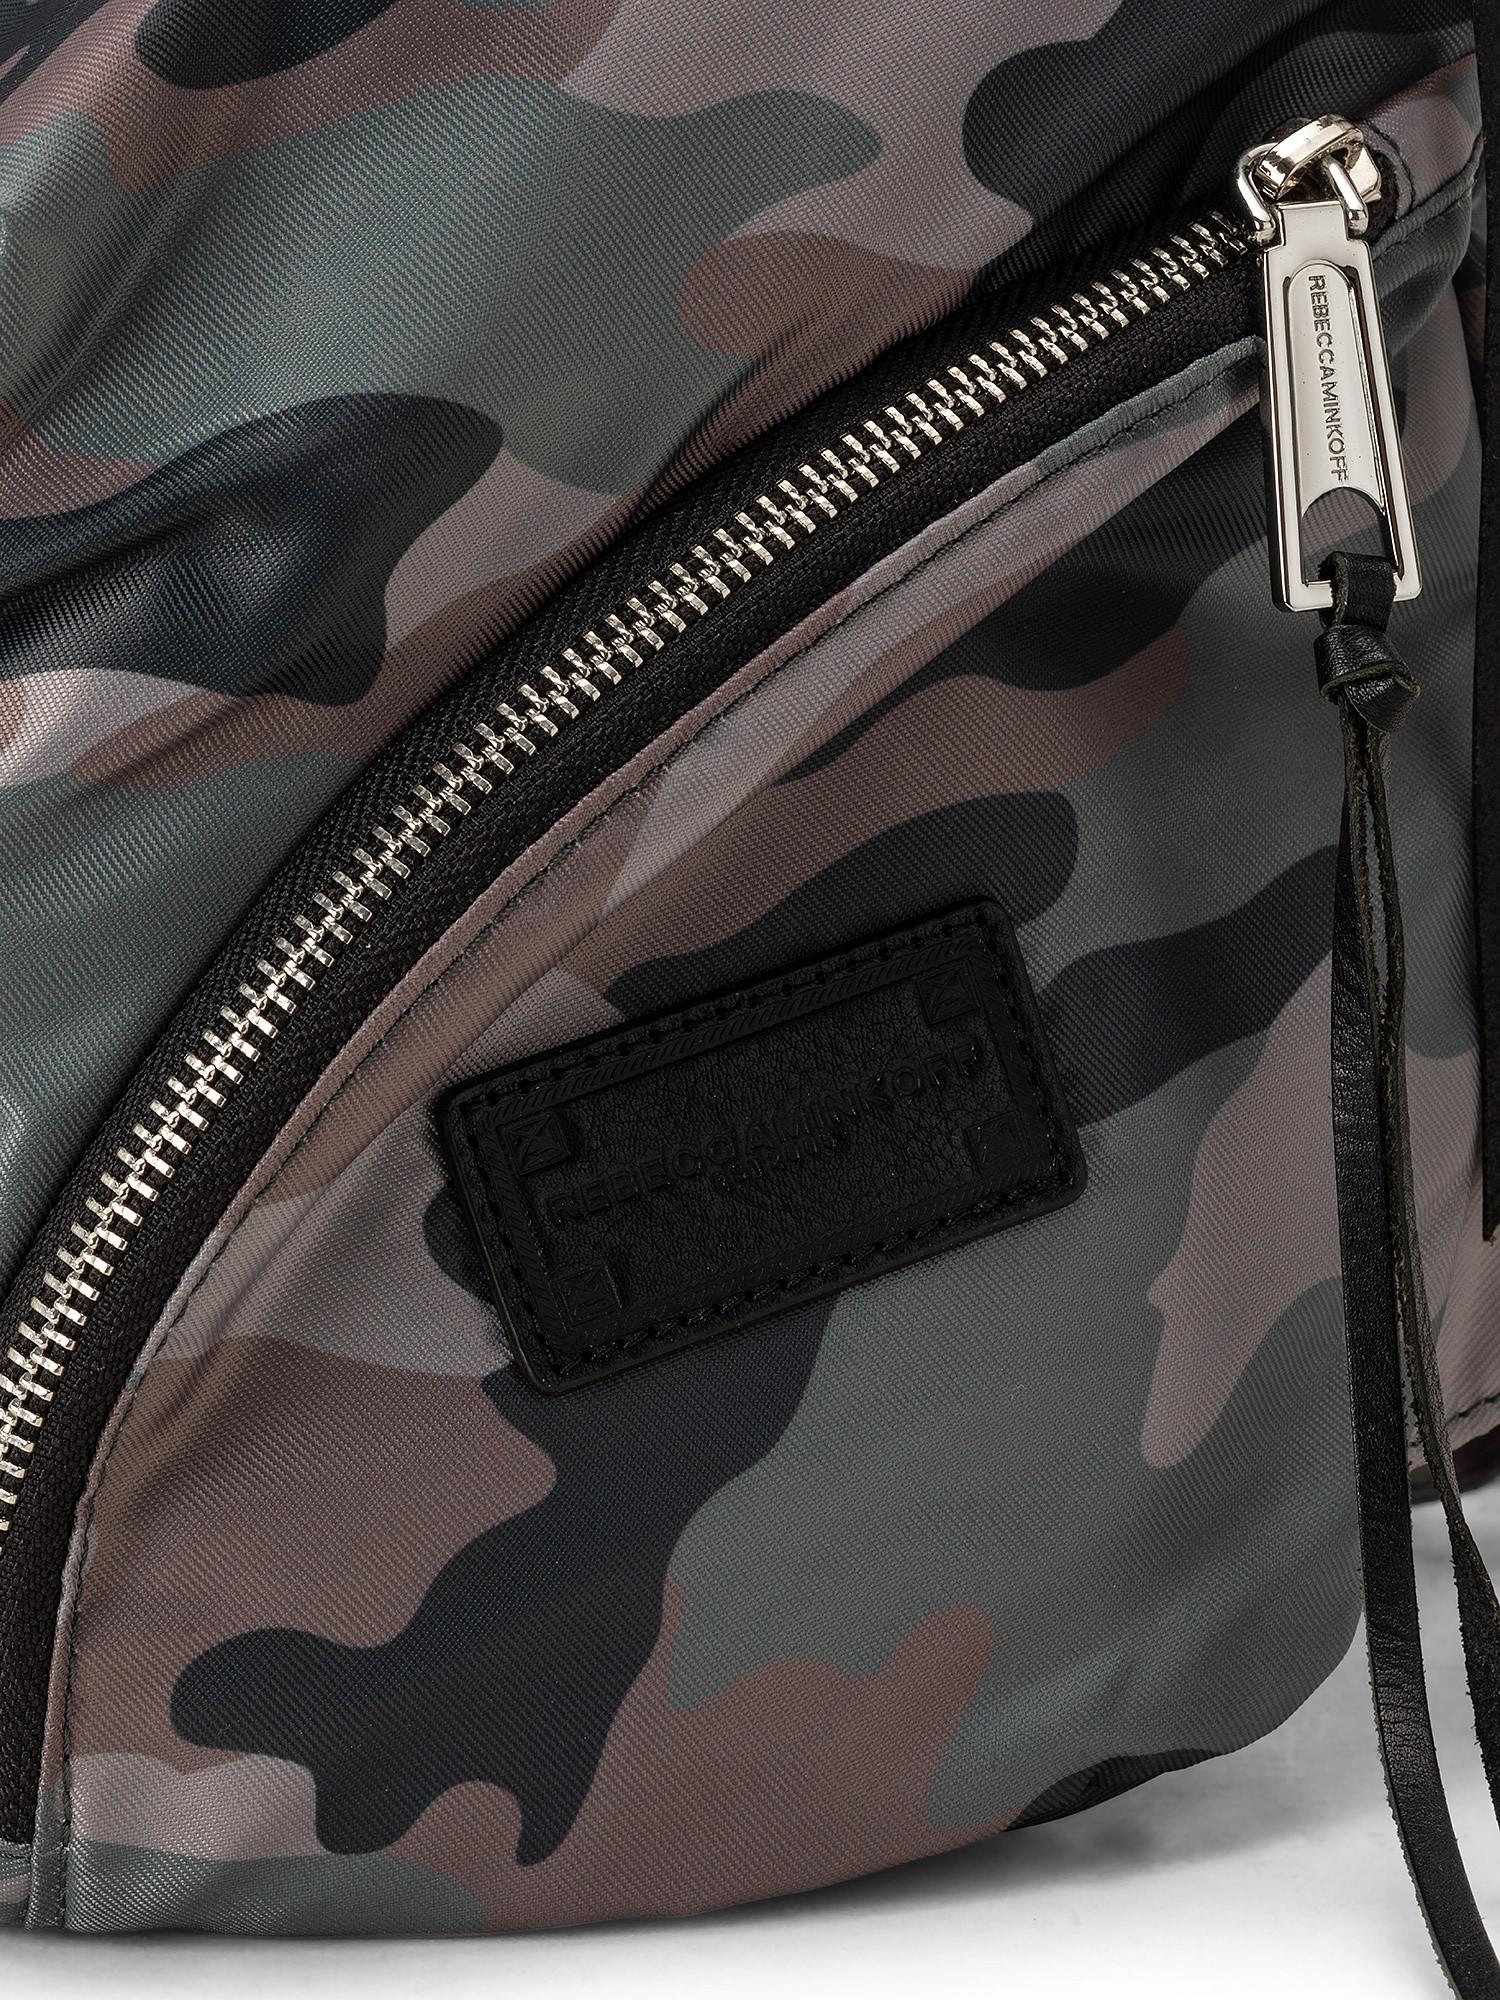 Julian Nylon Backpack, Verde, large image number 2